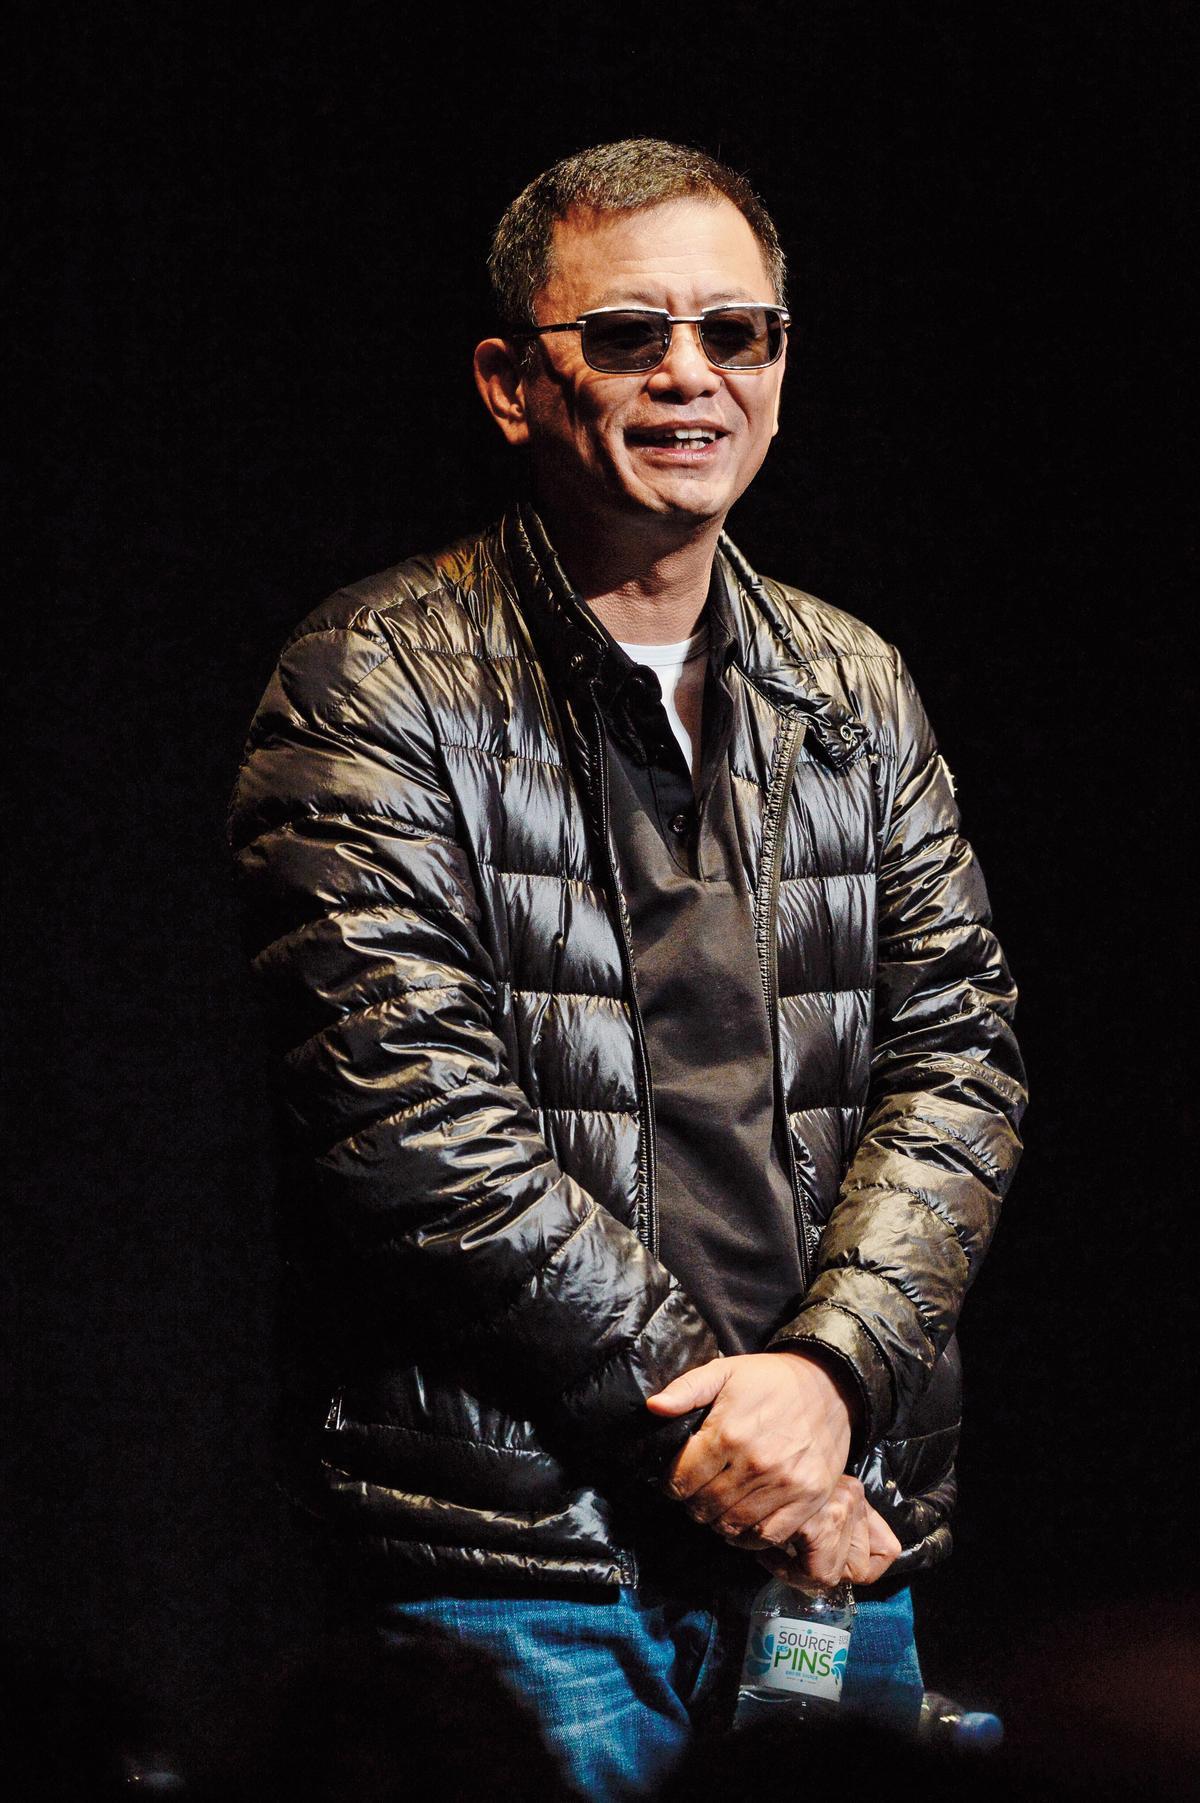 音樂劇《我的遺願清單》去年在中國演出,吸引王家衛想購買電影翻拍版權,洽談後卻決定先行投資《光的來信》音樂劇。